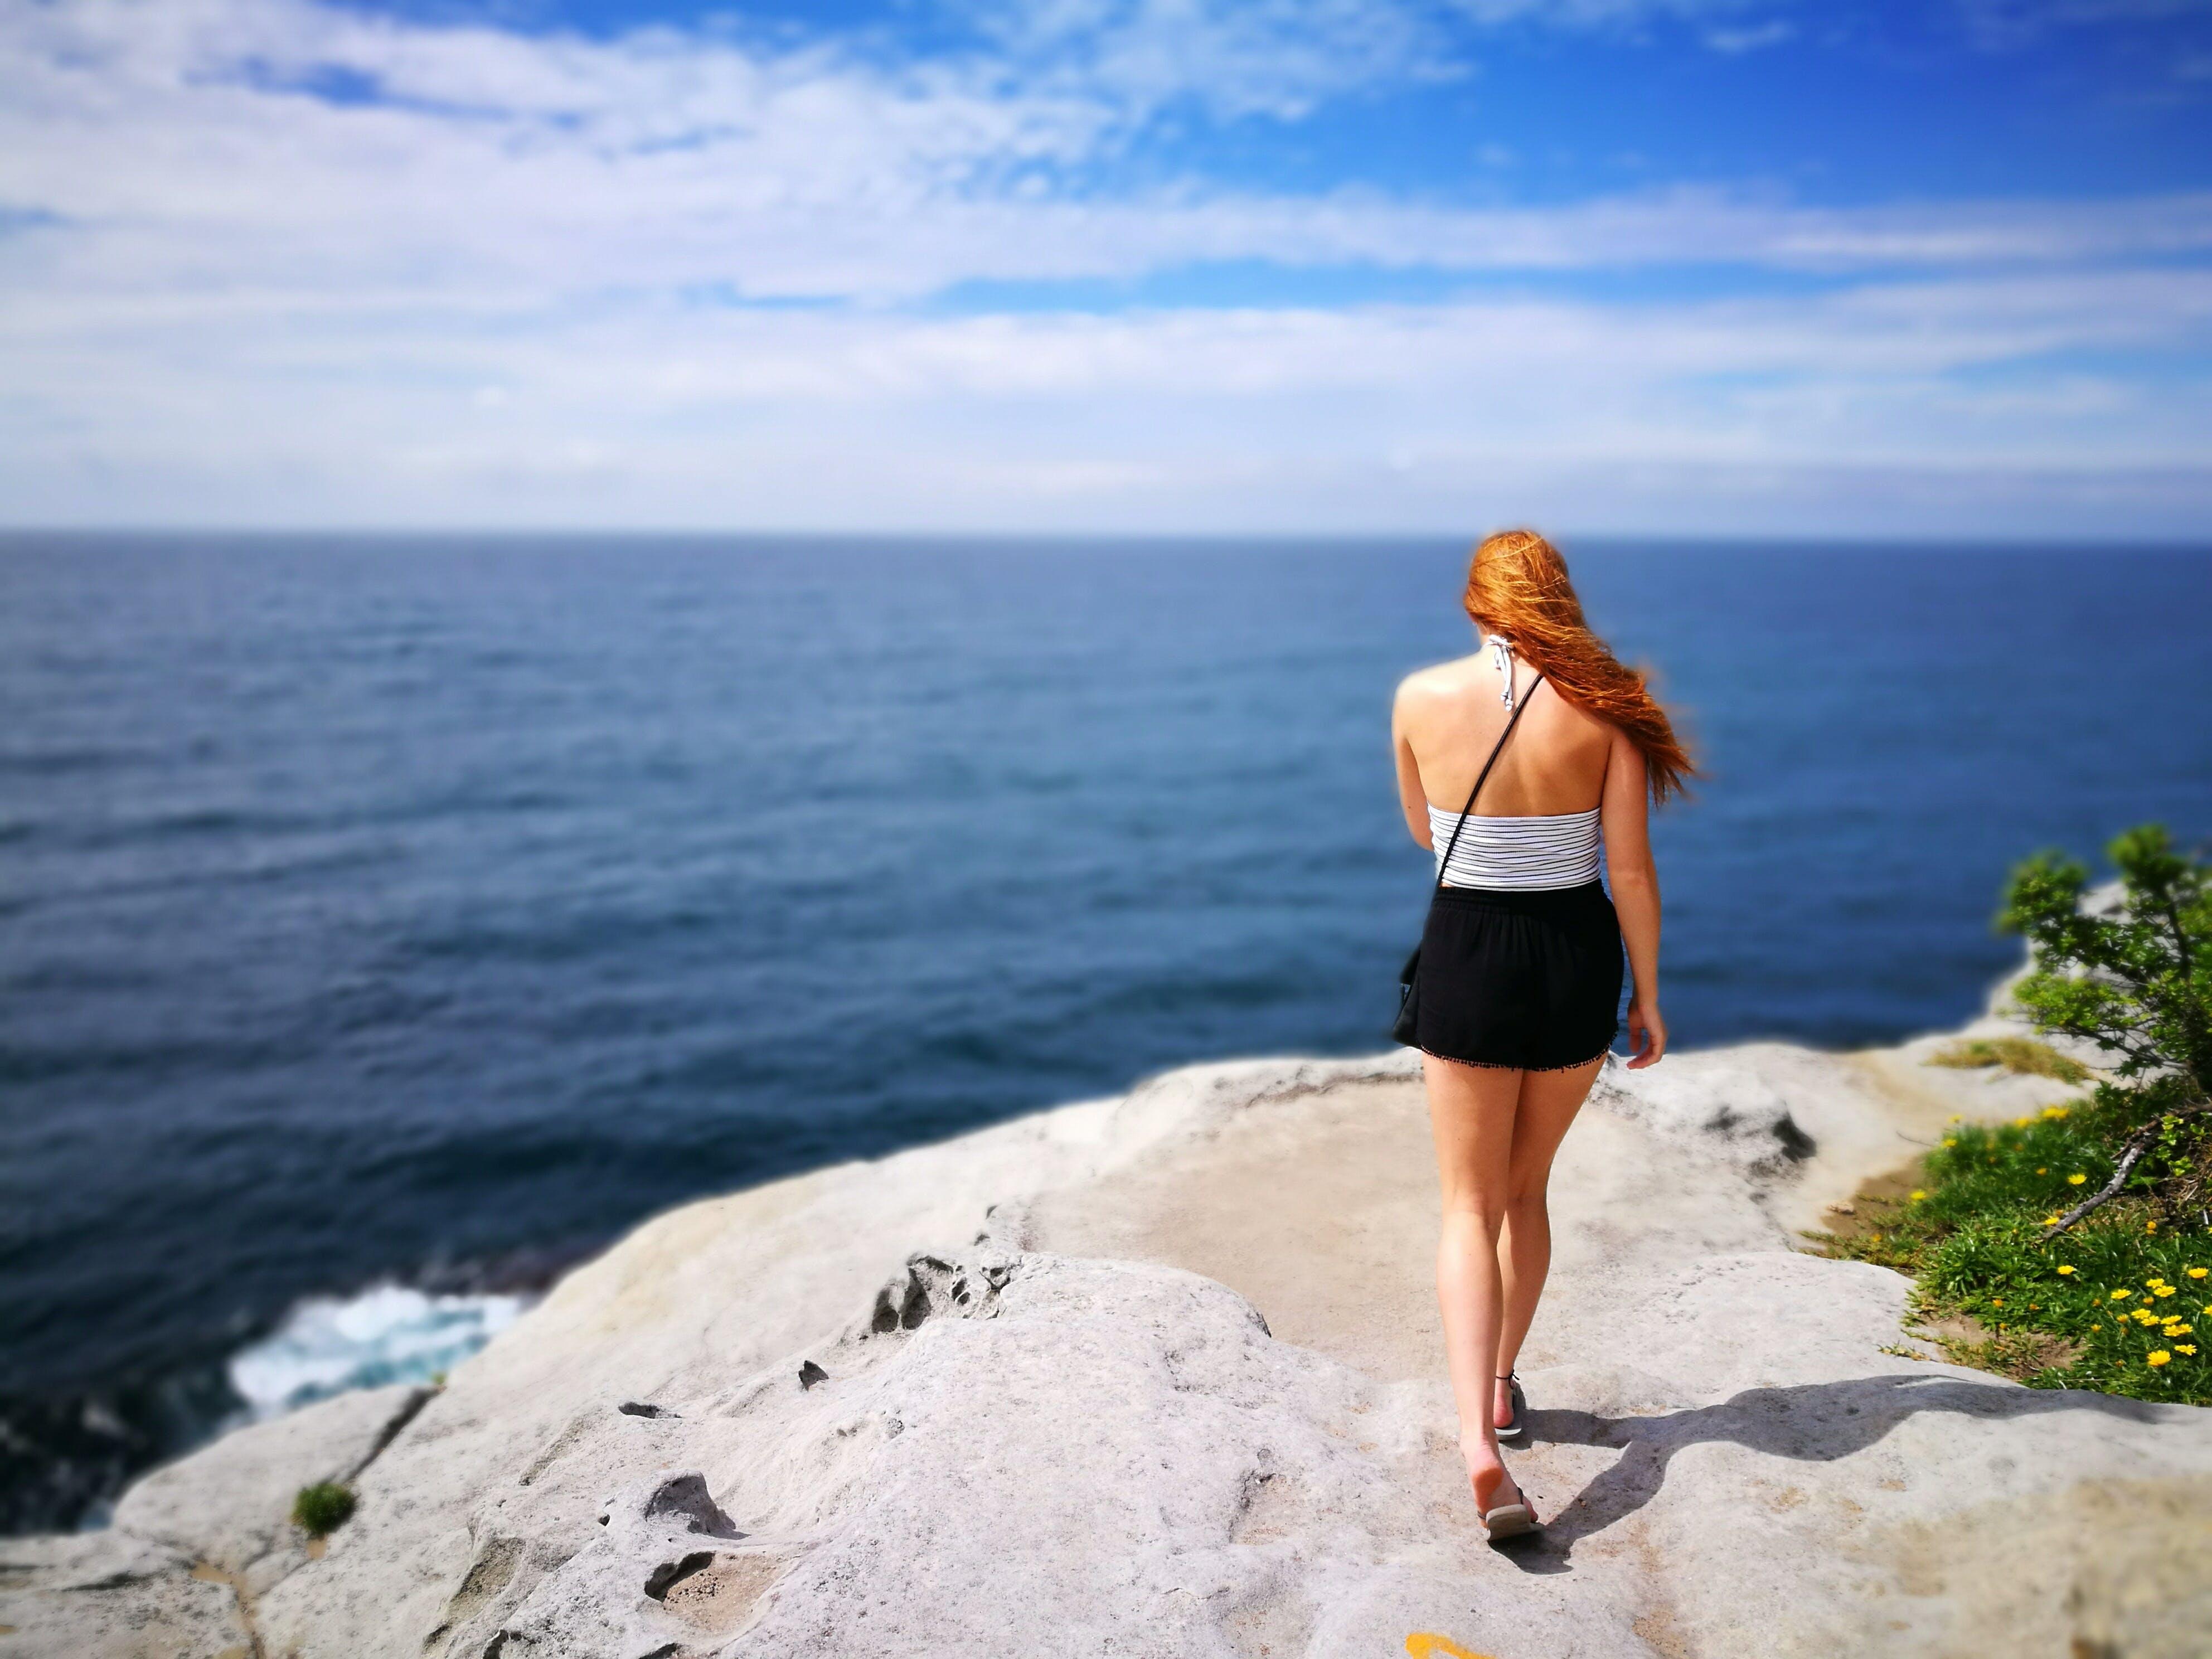 Woman Wearing Black Skirt Walking on Side of Cliff